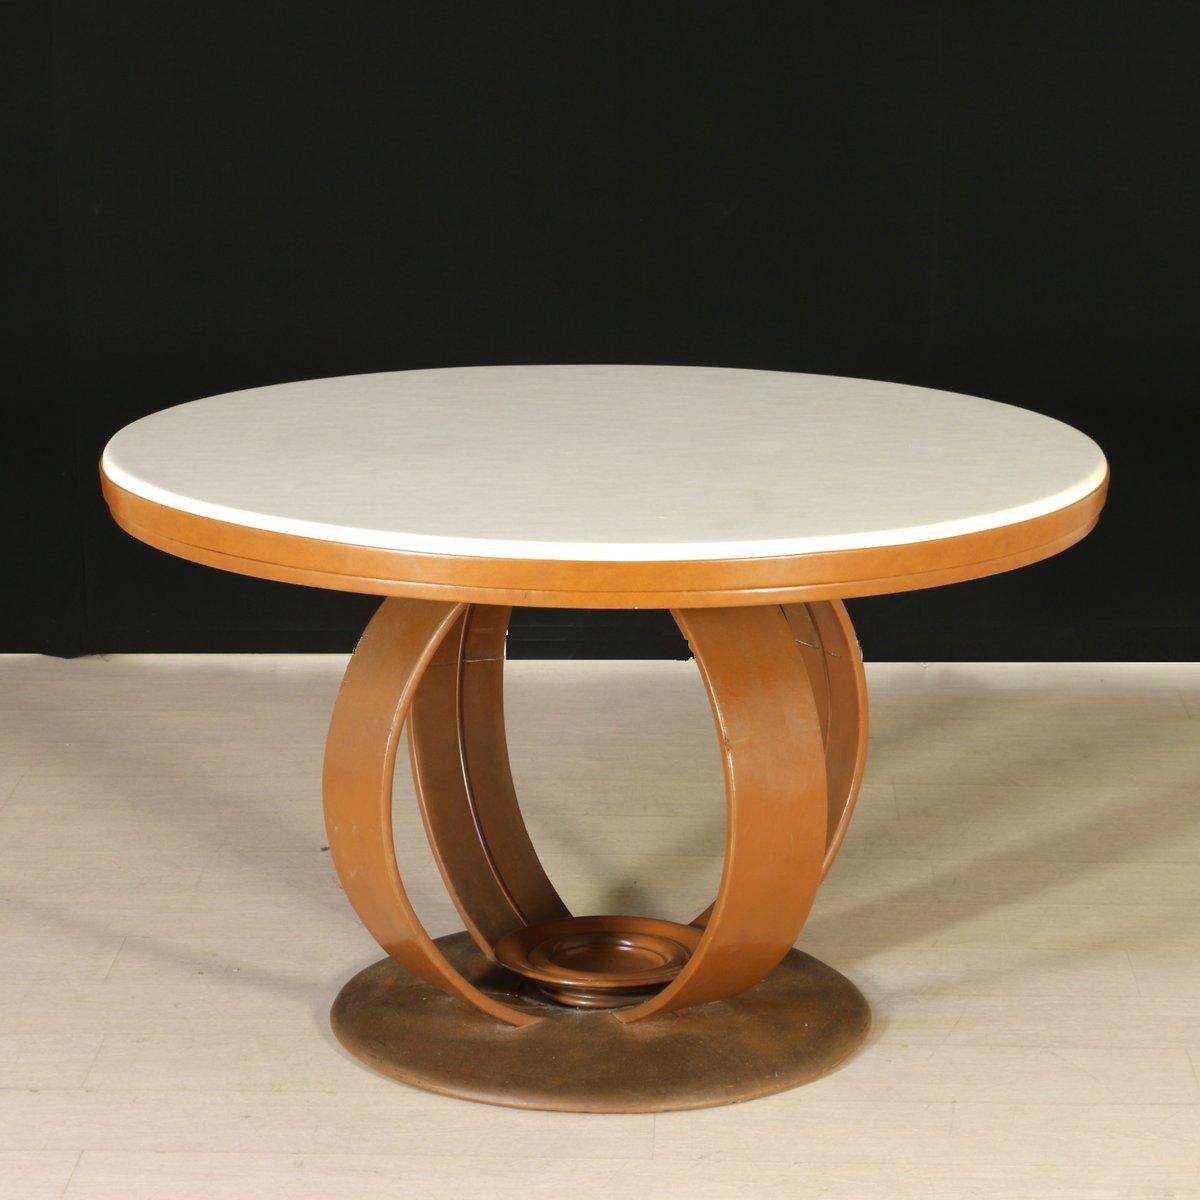 italienischer esstisch aus kunstleder 1960er bei pamono. Black Bedroom Furniture Sets. Home Design Ideas